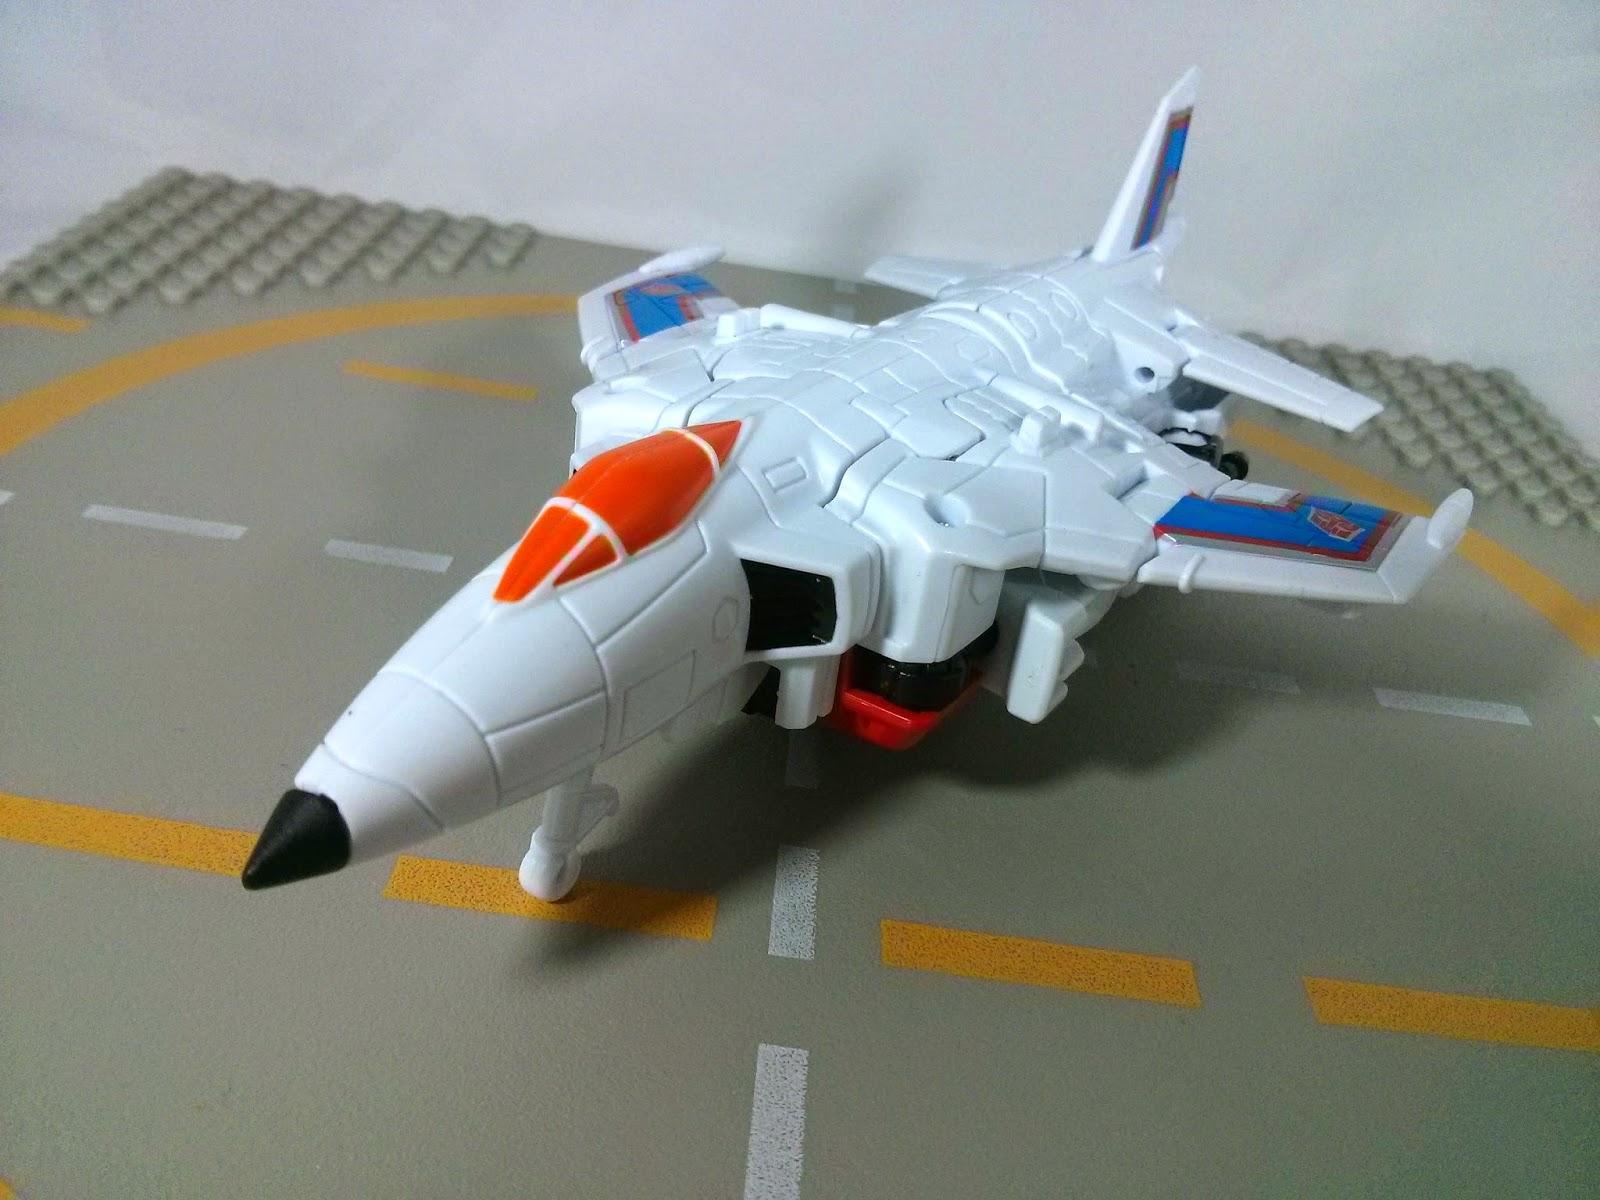 combiner wars slingshot jet mode